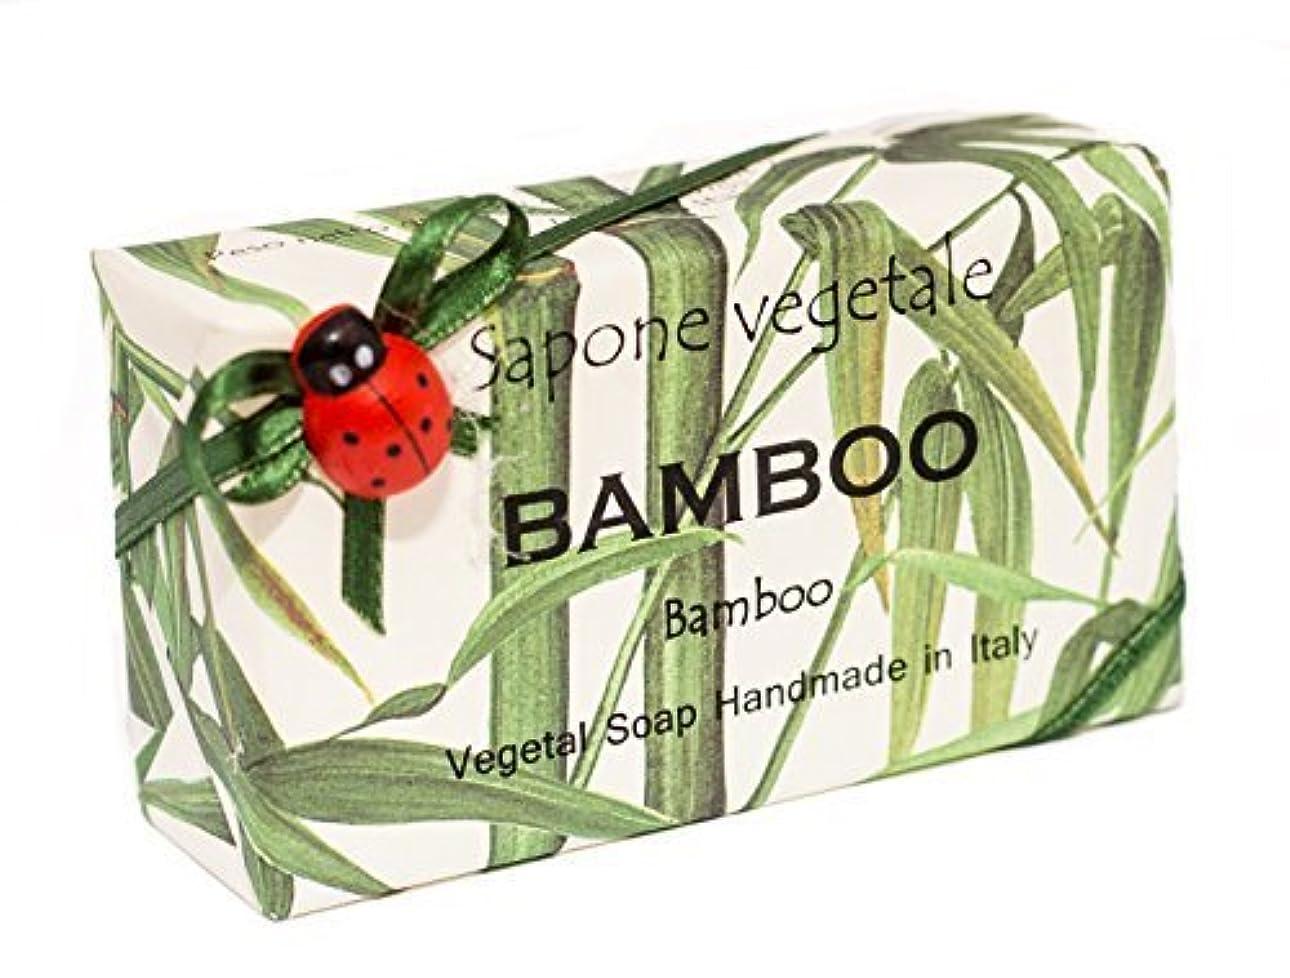 ピクニックラダ真実にAlchimia 高級ギフトボックス付きイタリアから竹、野菜手作り石鹸バー、 [並行輸入品]